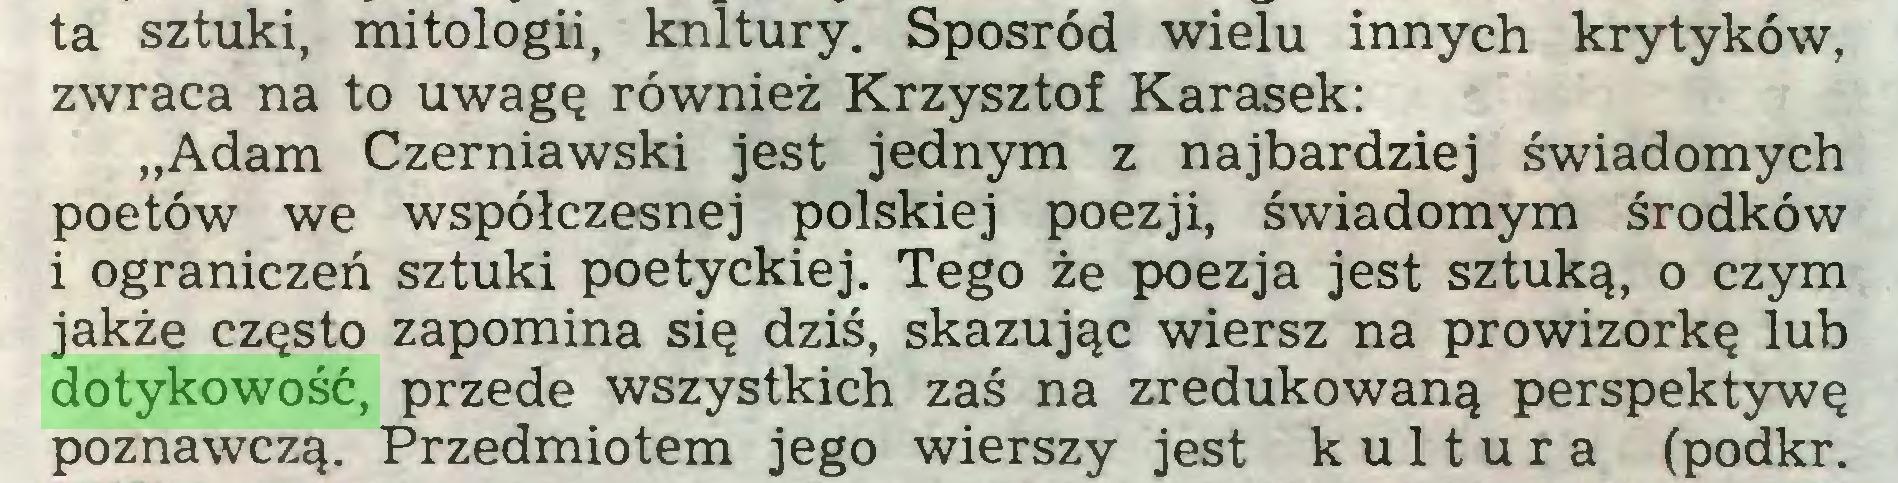 """(...) ta sztuki, mitologii, knltury. Spośród wielu innych krytyków, zwraca na to uwagę również Krzysztof Karasek: """"Adam Czerniawski jest jednym z najbardziej świadomych poetów we współczesnej polskiej poezji, świadomym środków i ograniczeń sztuki poetyckiej. Tego że poezja jest sztuką, o czym jakże często zapomina się dziś, skazując wiersz na prowizorkę lub dotykowość, przede wszystkich zaś na zredukowaną perspektywę poznawczą. Przedmiotem jego wierszy jest kultura (podkr..."""